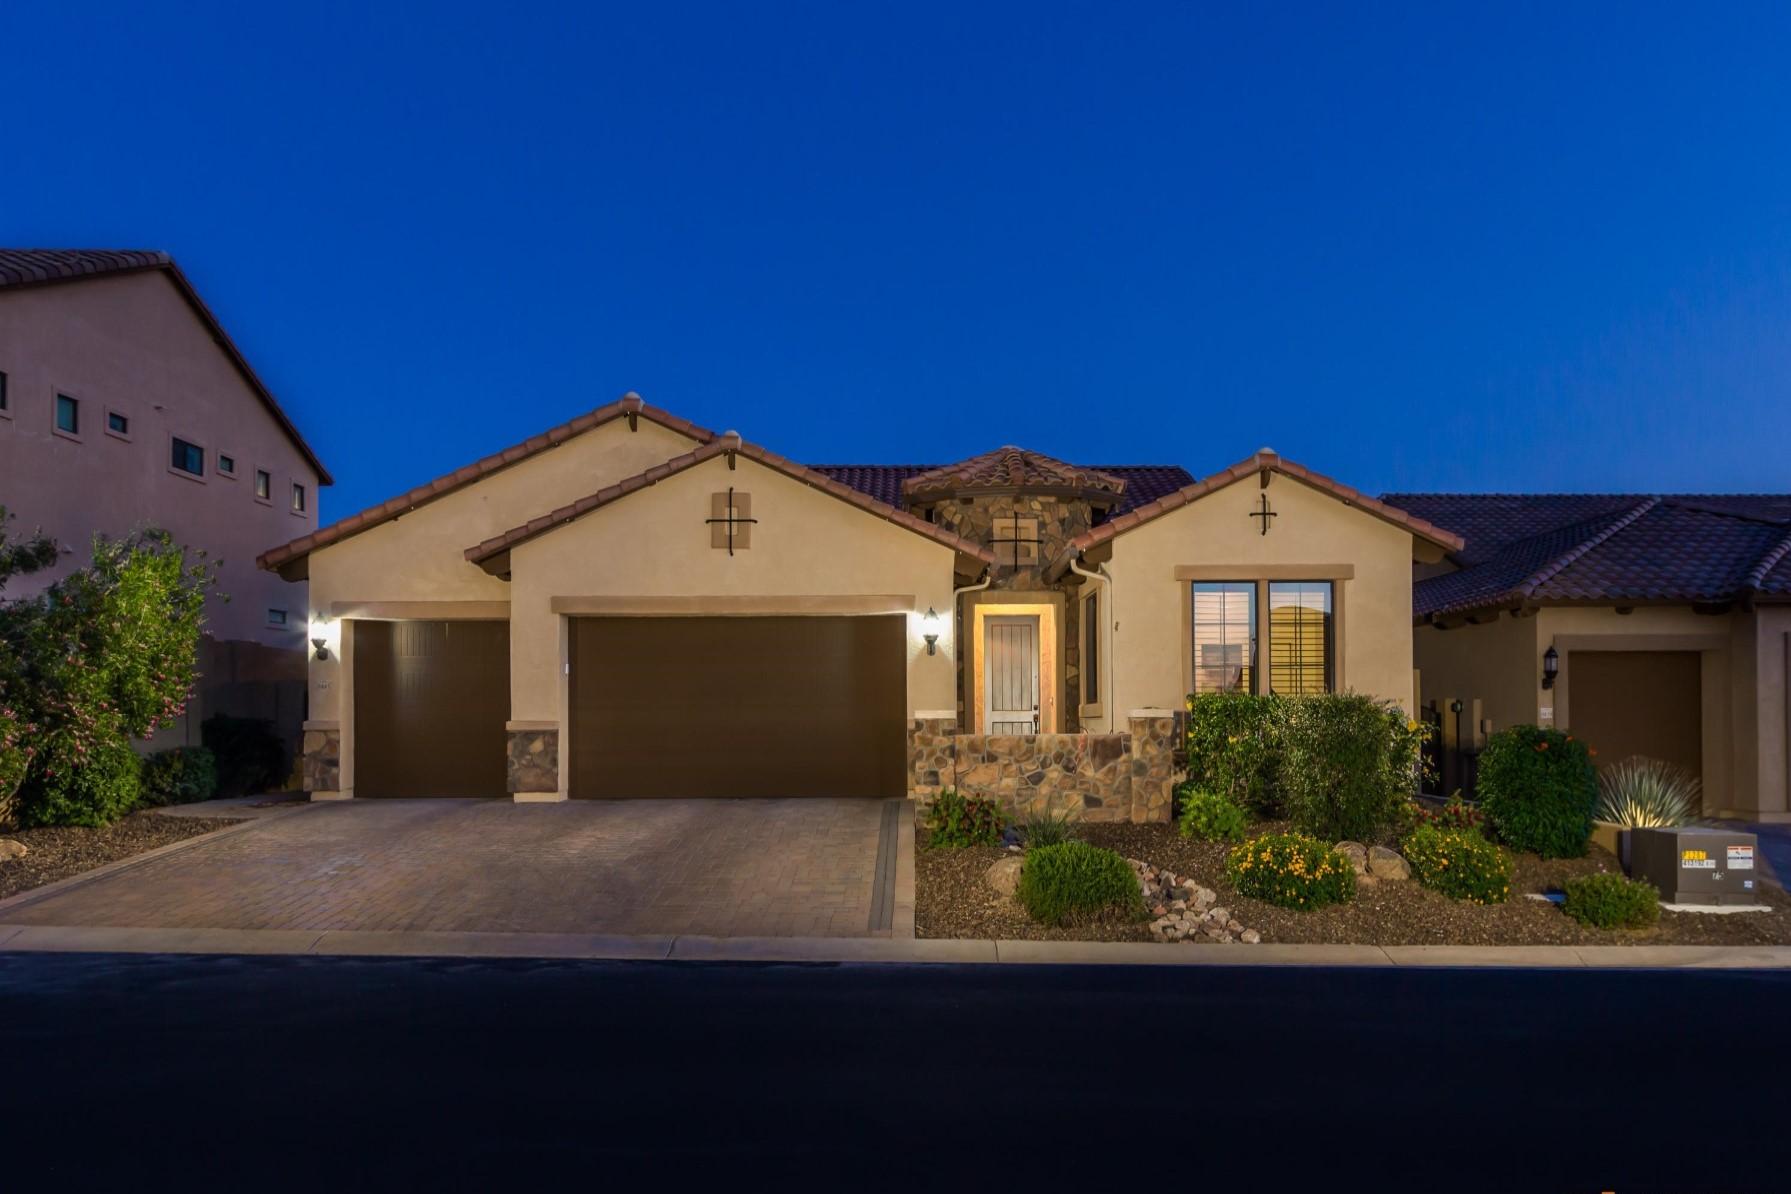 Maison unifamiliale pour l Vente à Resort-style living in Mountain Bridge gated community 8445 E Leland St Mesa, Arizona, 85207 États-Unis